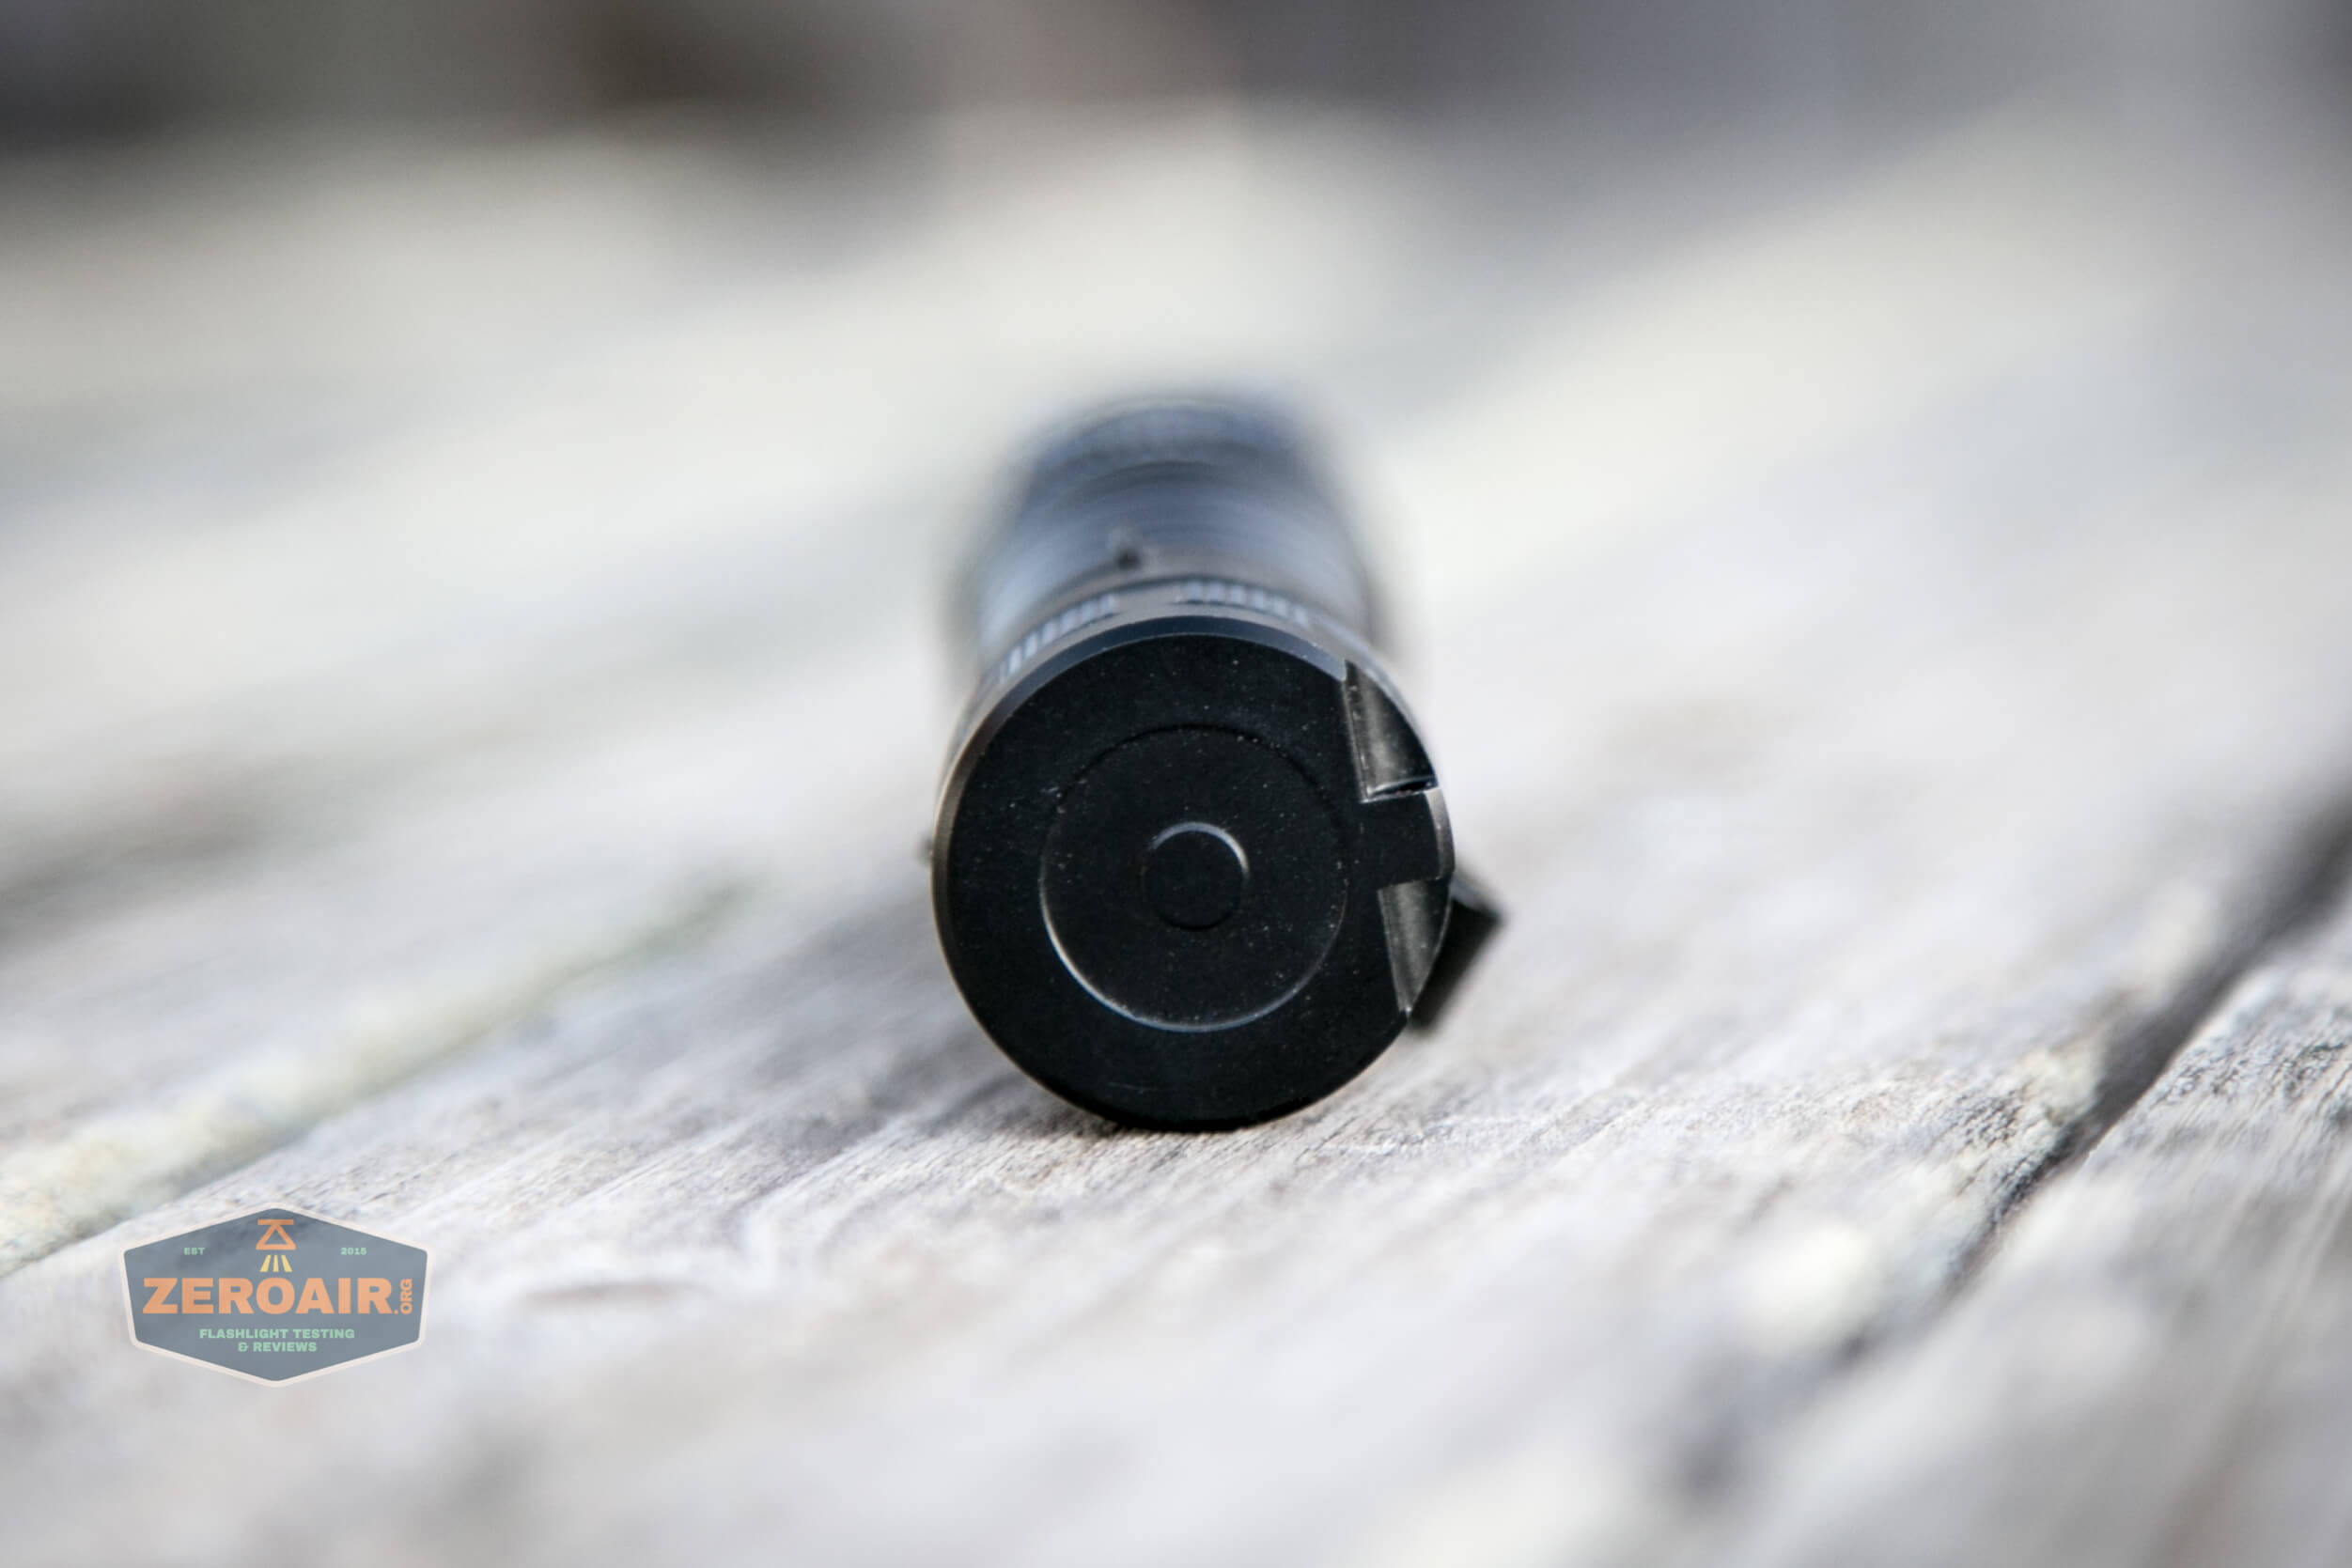 wurkkos fc11 flashlight tailcap